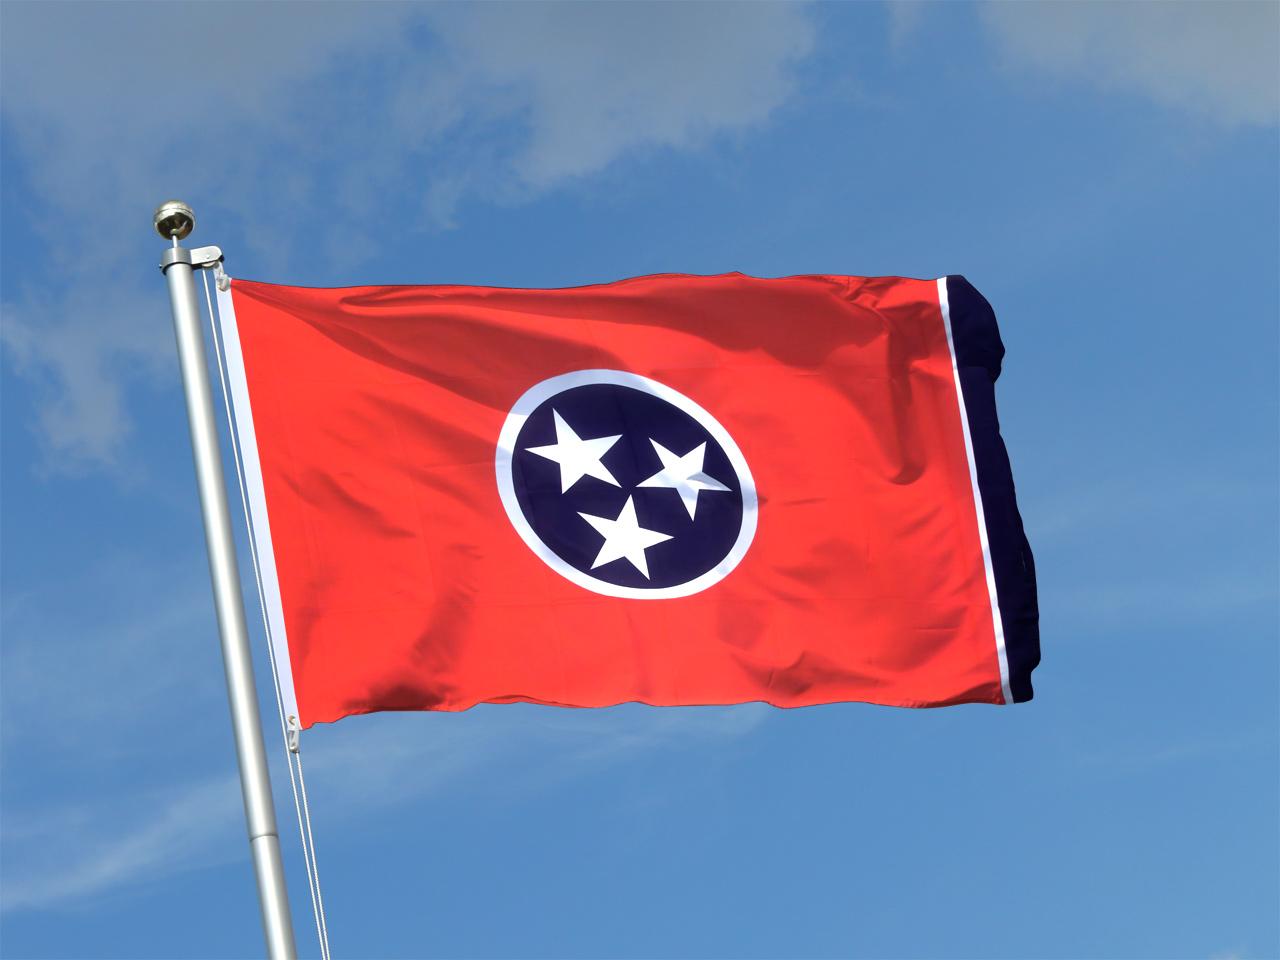 Vergnügungsboote zum Verkauf in Tennessee